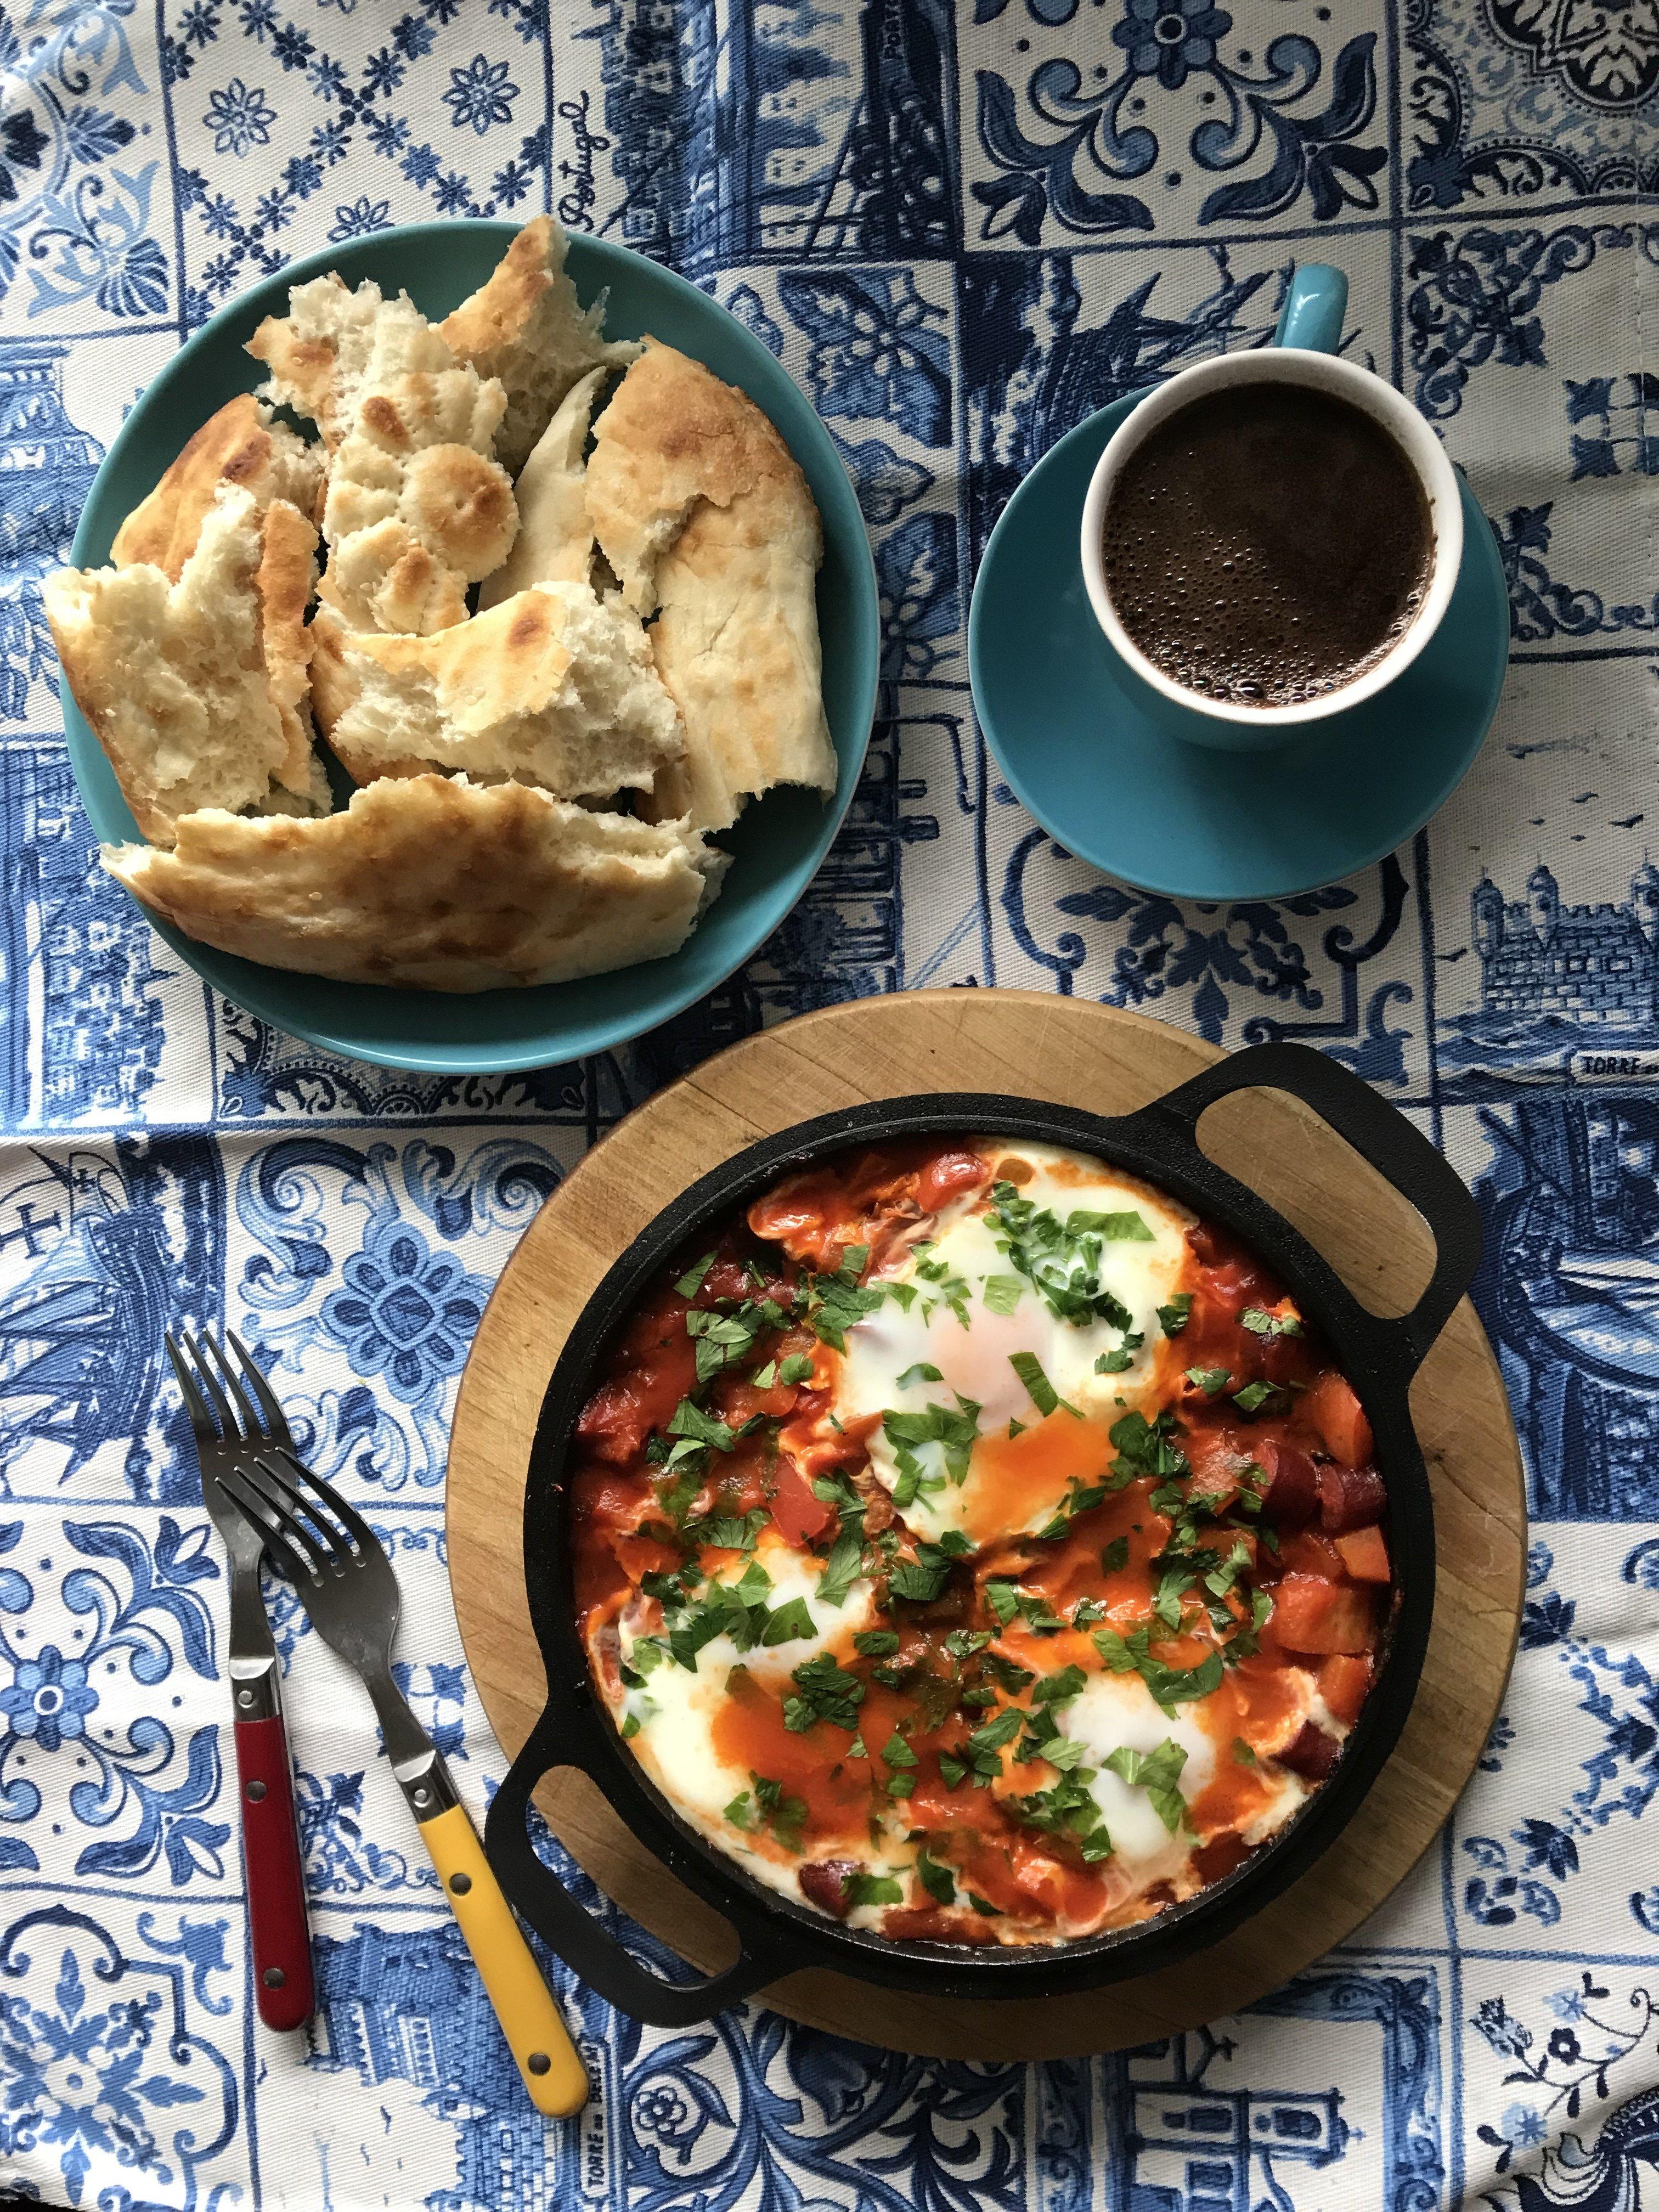 длину еврейская кухня рецепты с картинками словам цитадель запустения